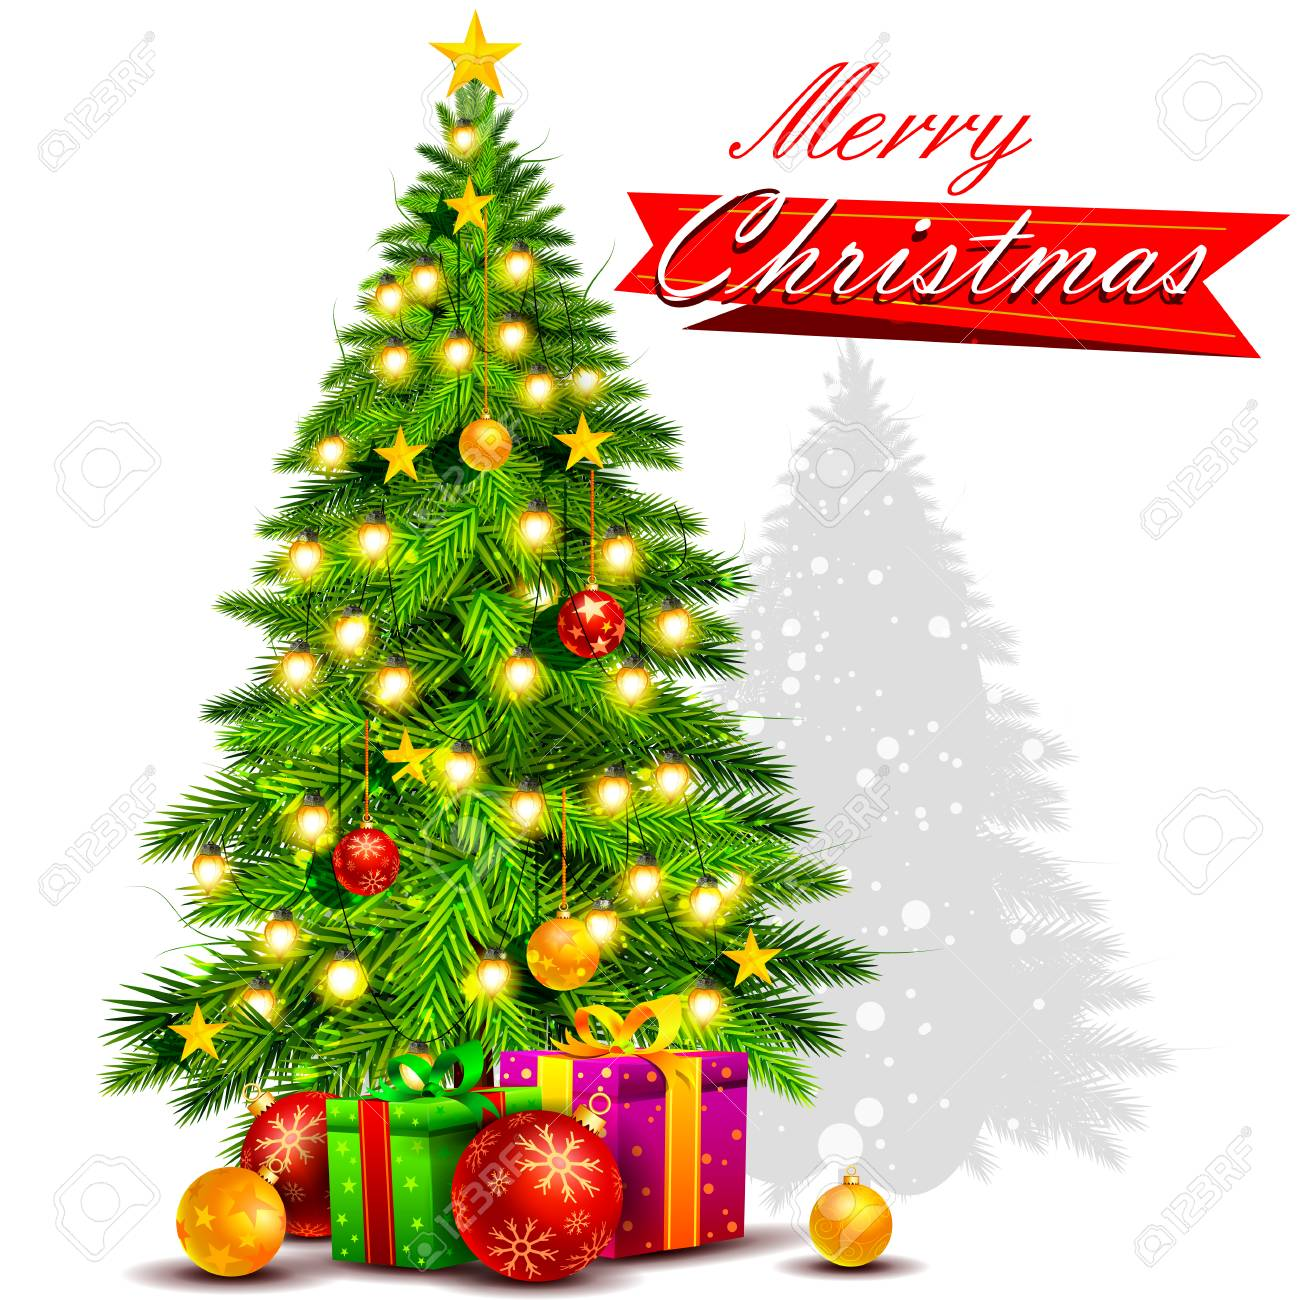 Weihnachten Bilder Bearbeiten.Stock Photo